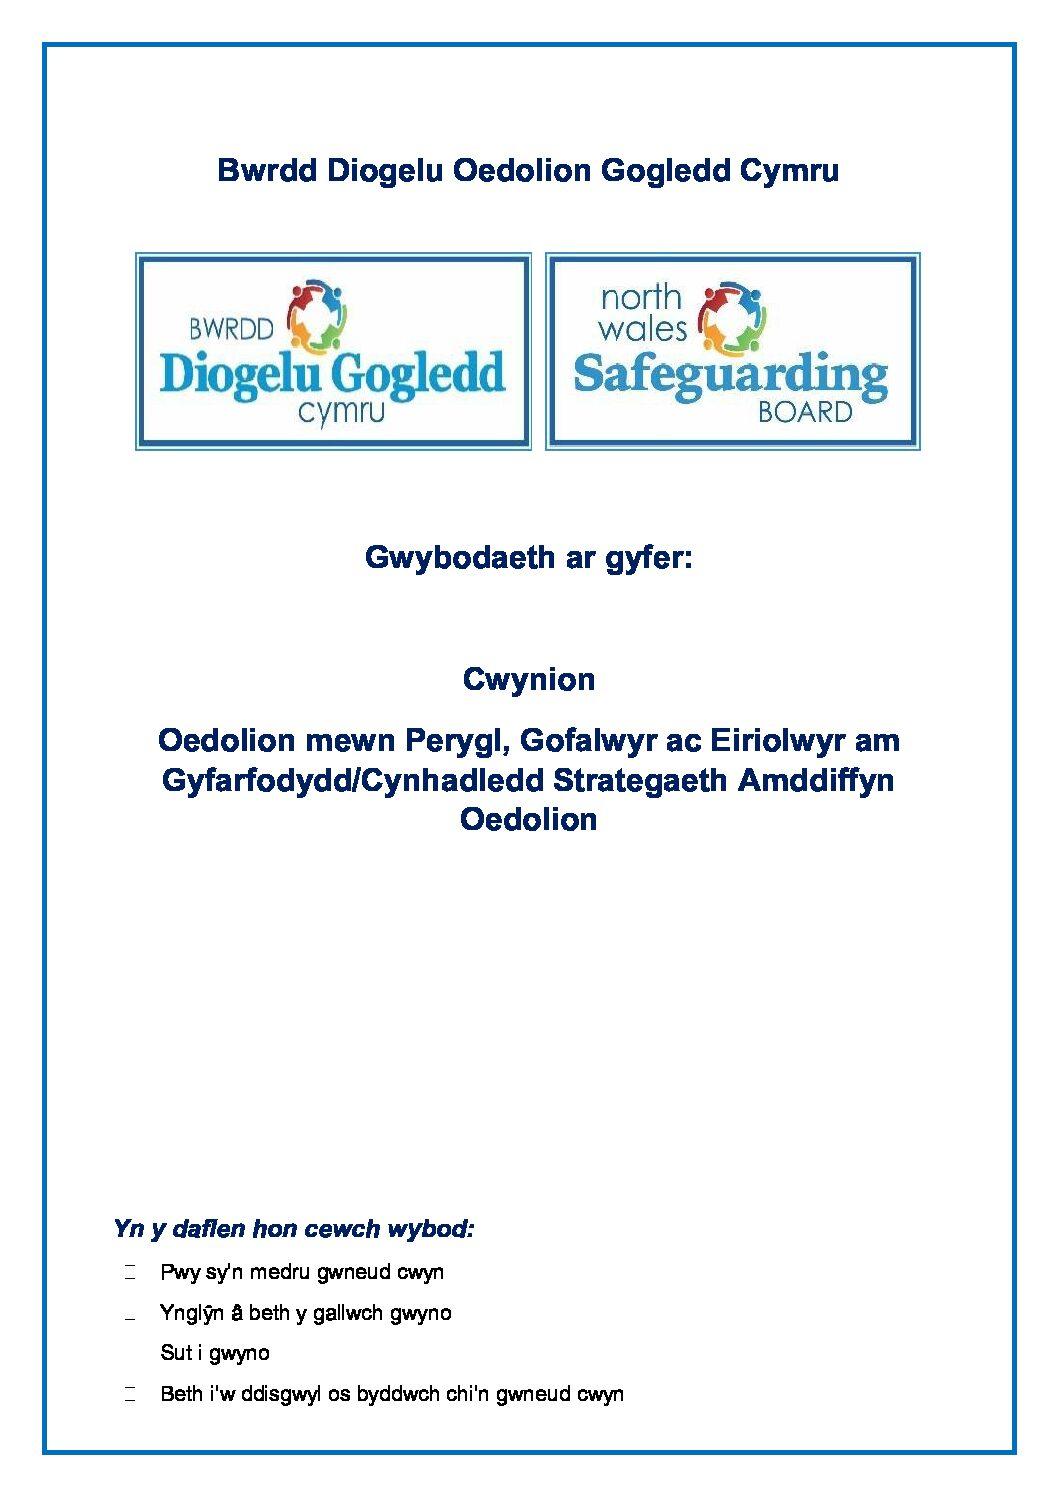 Canllaw Rheoli Cwynion Ymarfer BDOGC a Gwybodaeth